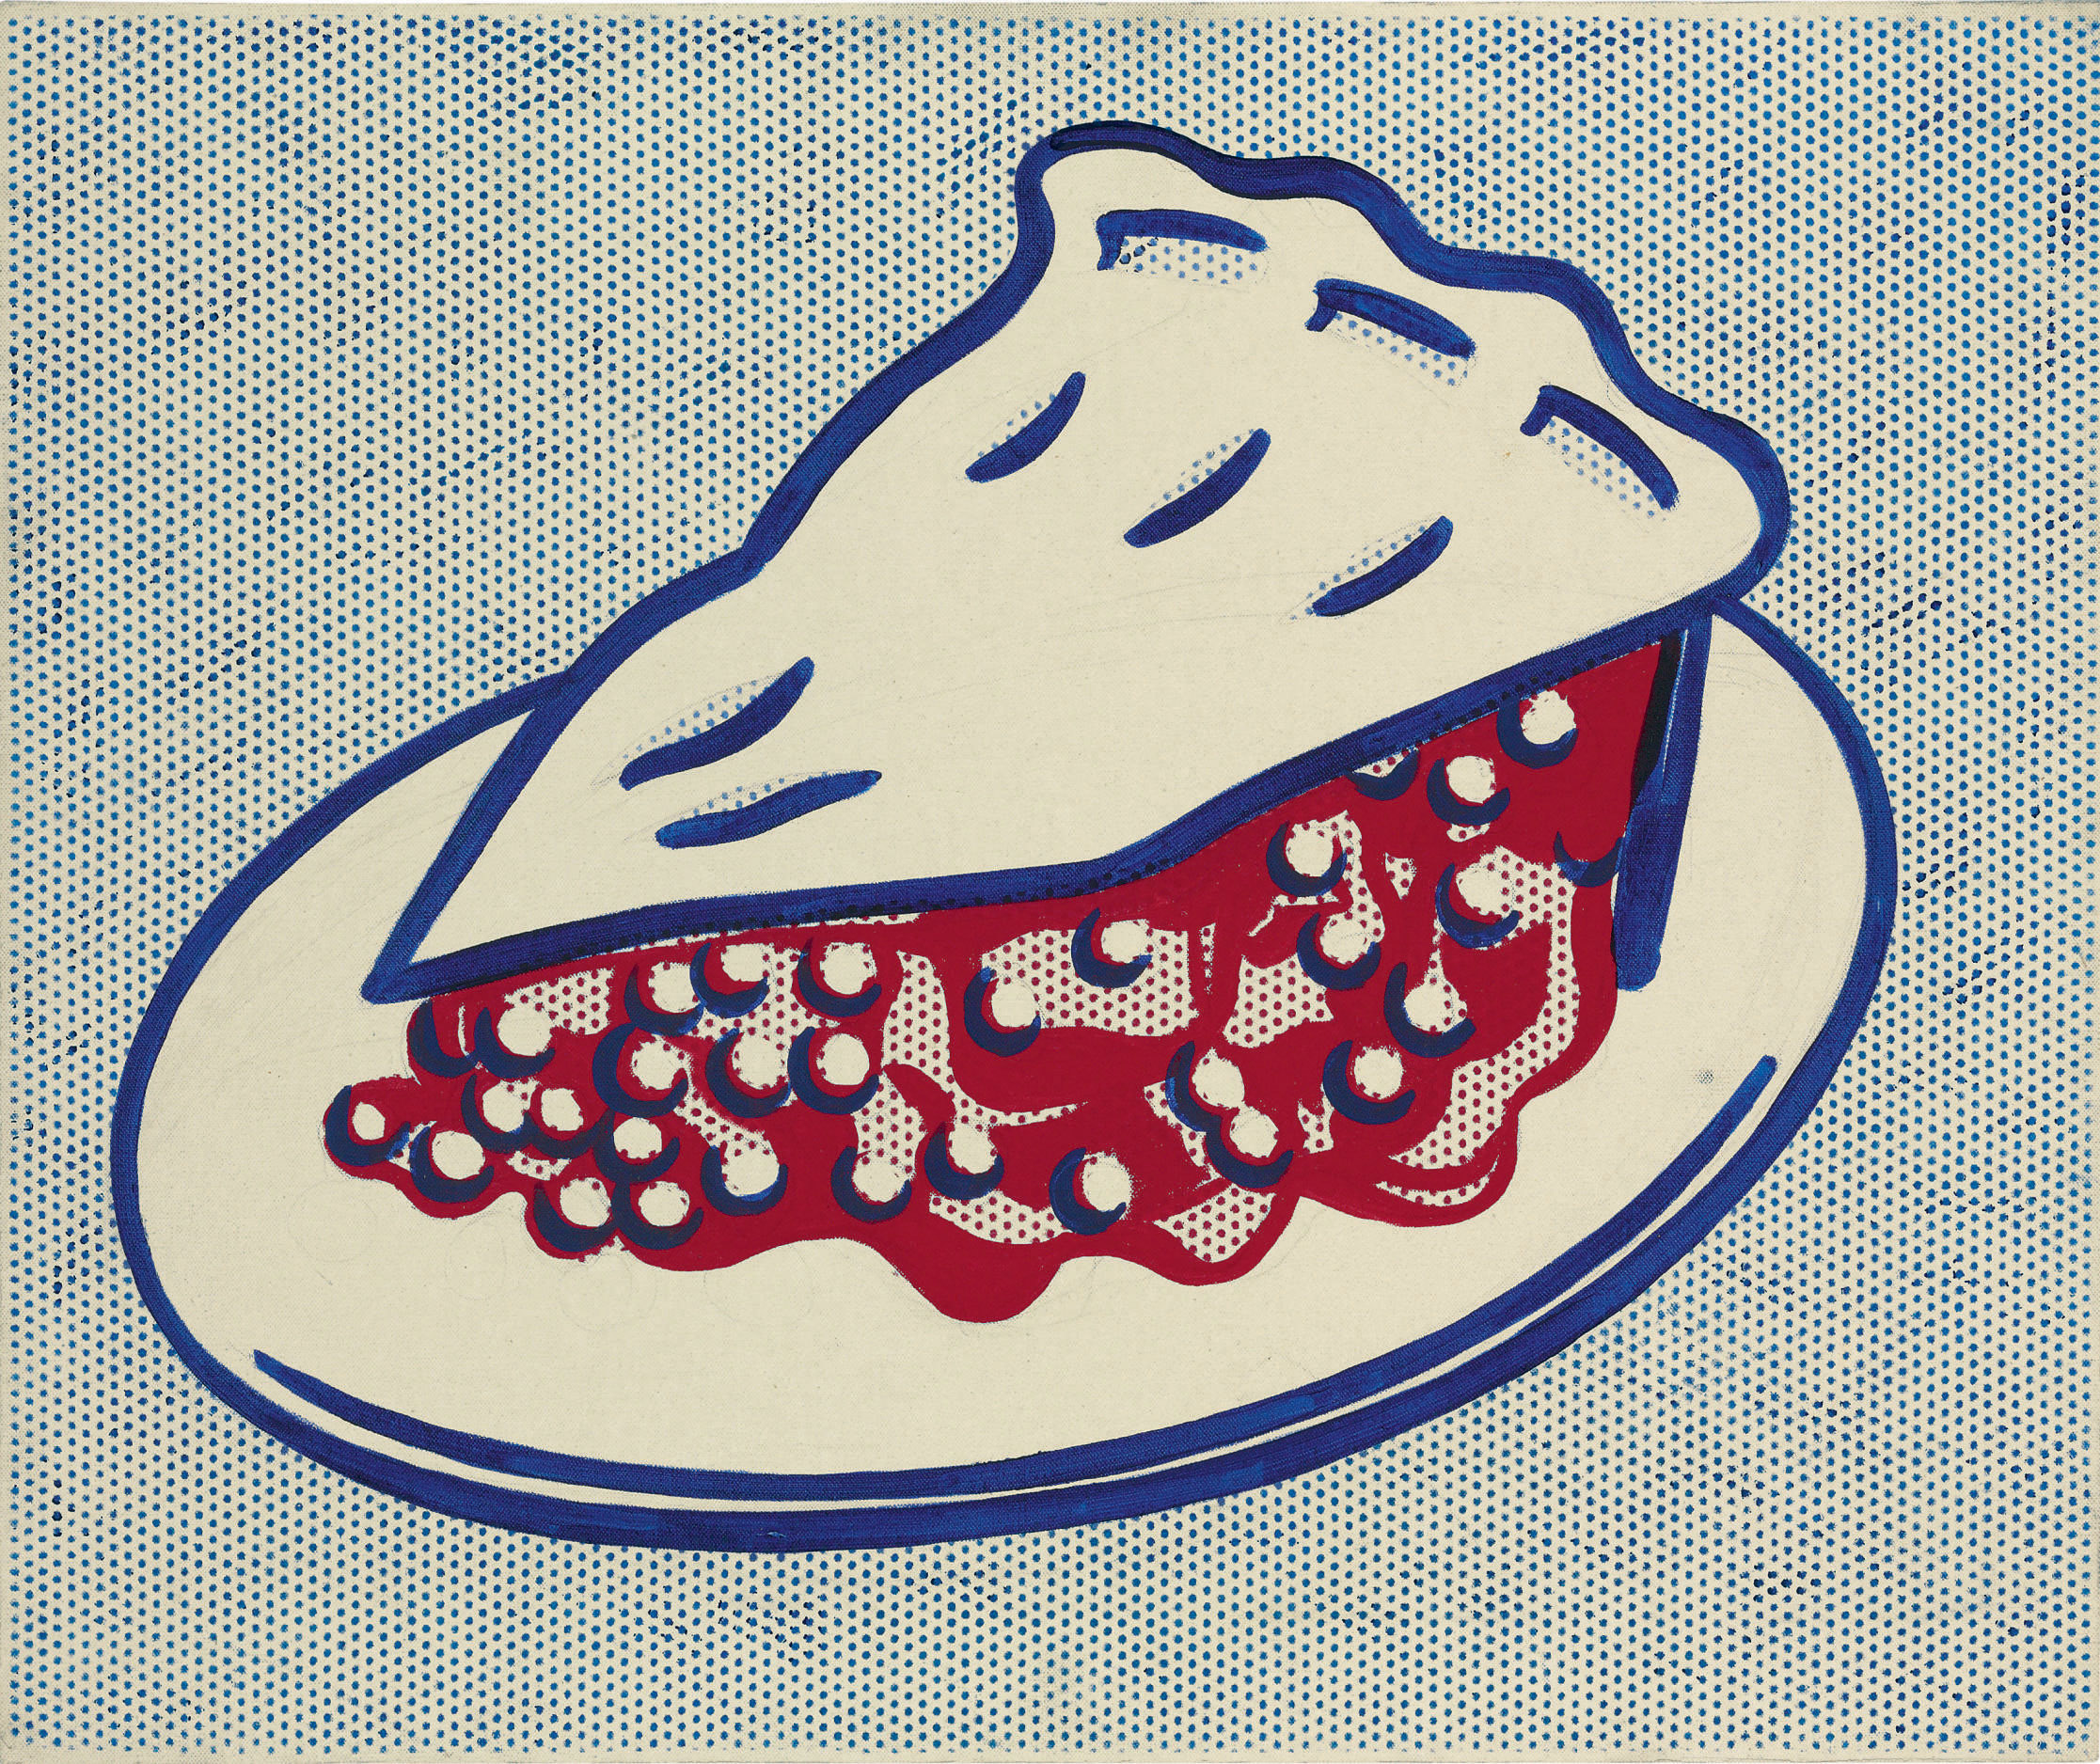 roy lichtenstein cherry pie